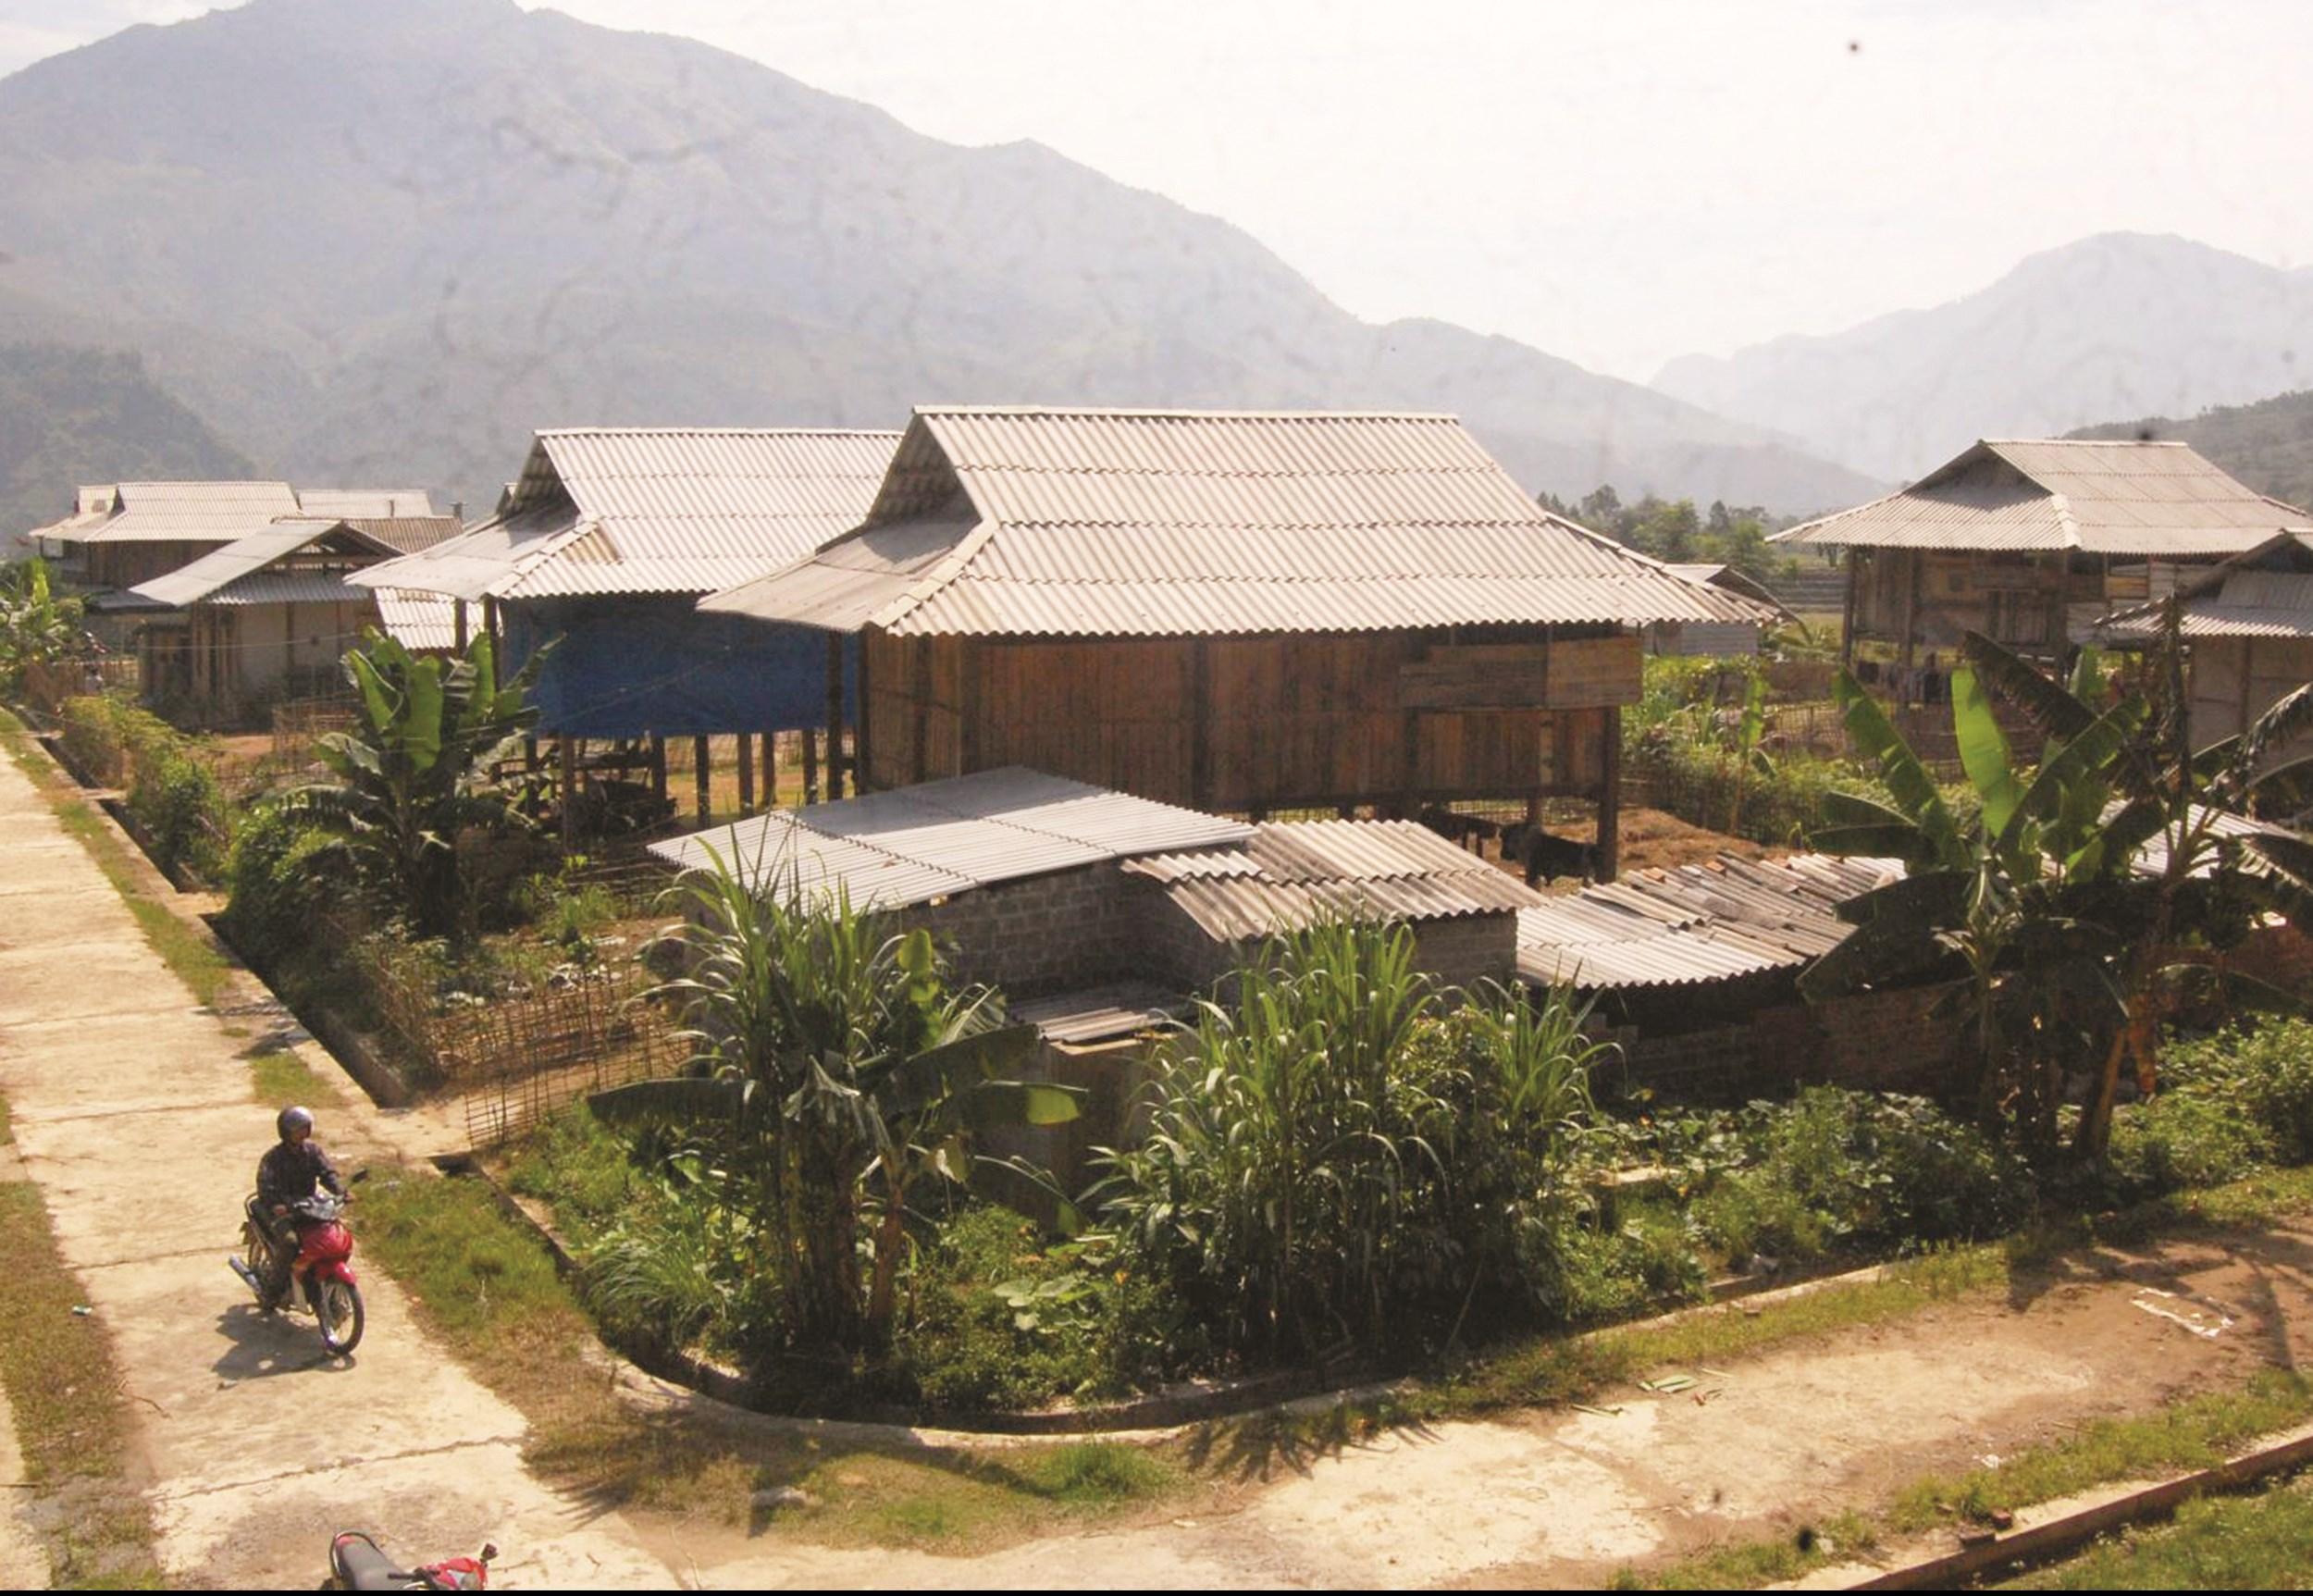 Nhiều khu tái định cư, đồng bào được ở trong những ngôi nhà kiên cố nhưng tỷ lệ hộ nghèo vẫn cao. (Ảnh minh họa)